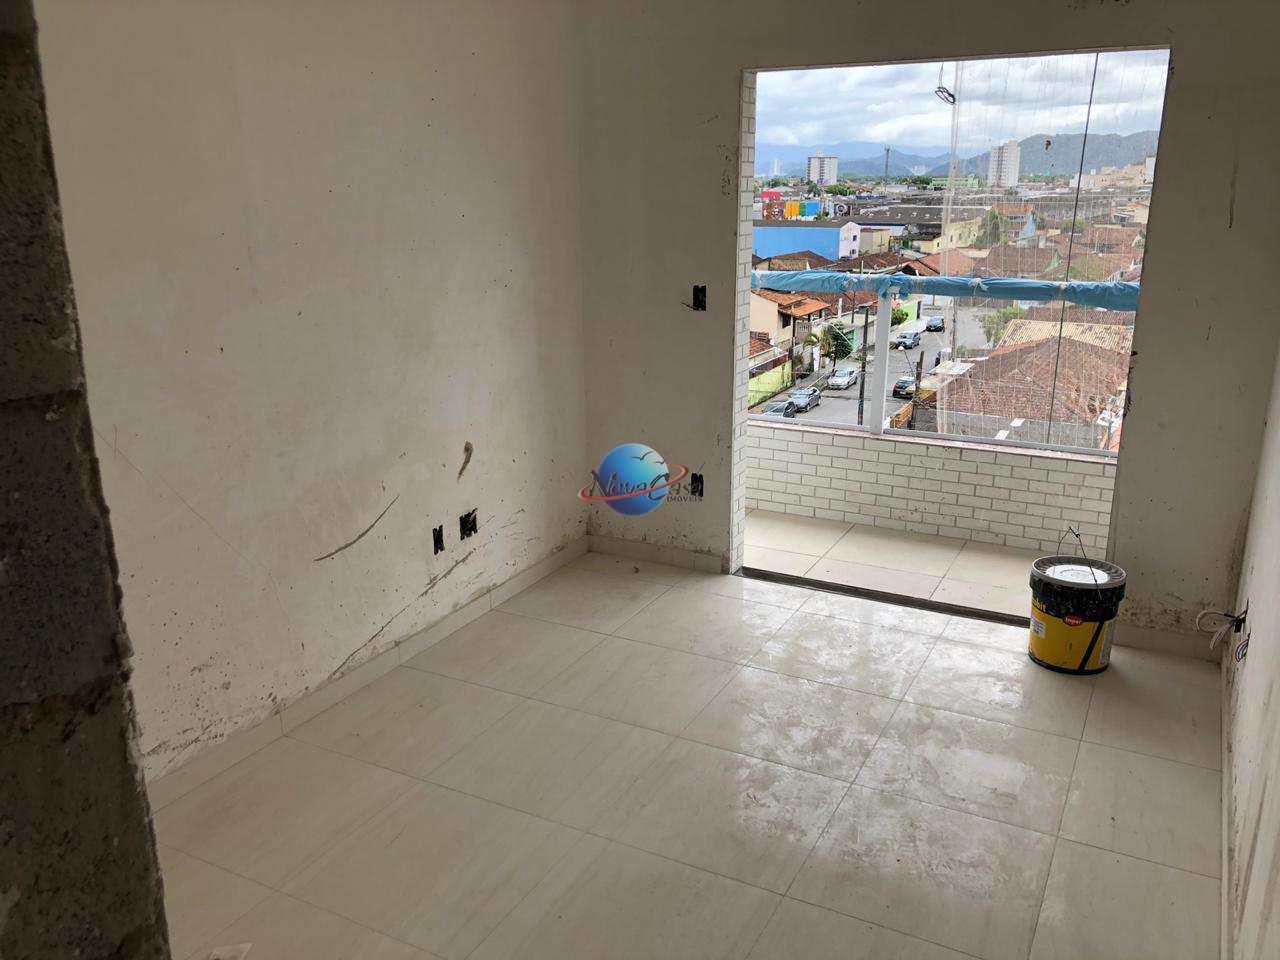 Imobiliária Nova Casa Imóveis especializada na compra e venda de casas e apartamentos novos e usados na cidade de Praia Grande litoral de São Paulo